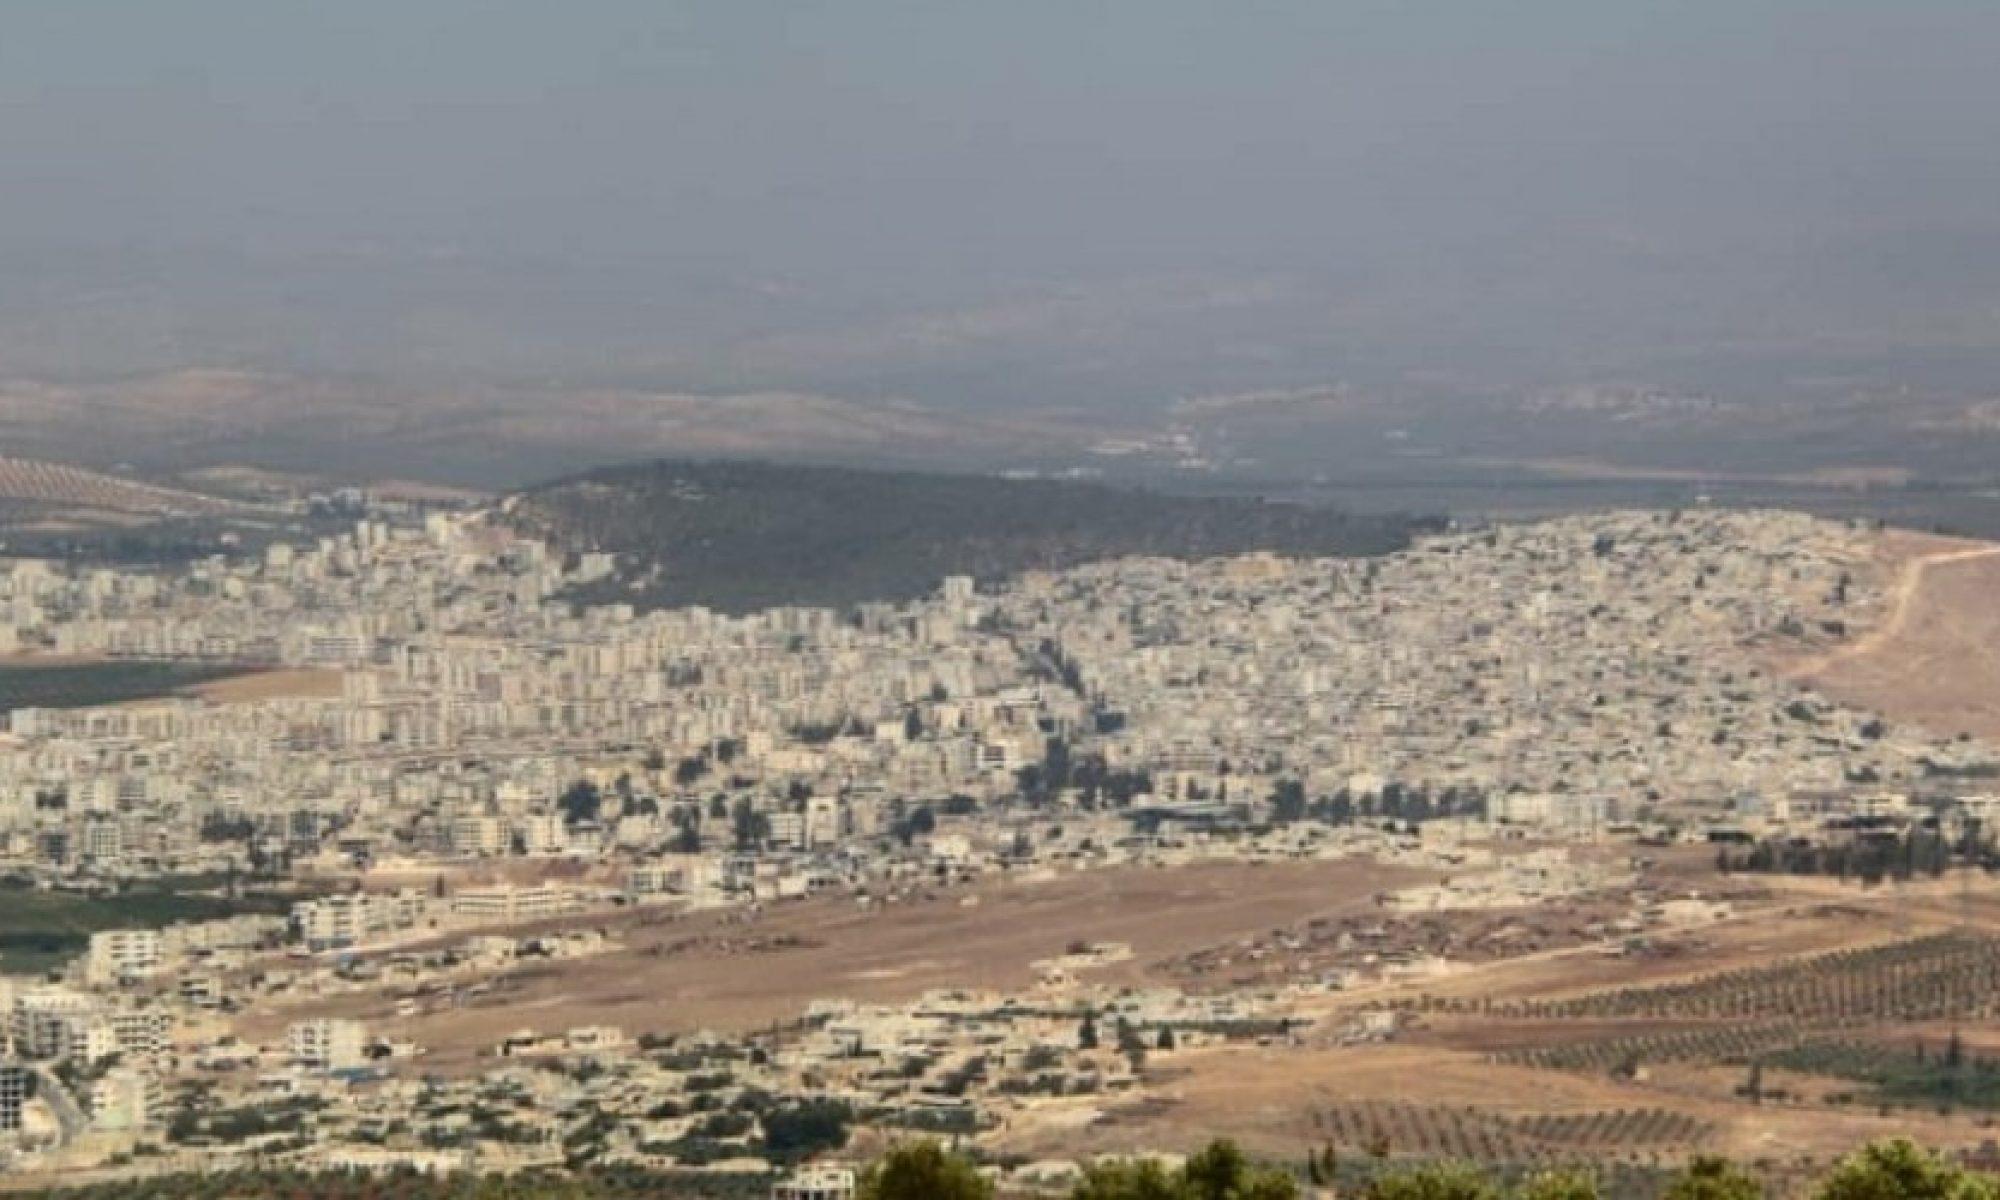 Türkiye'ye bağlı çeteler Afrin'de bir genç kız ve 8 erkek toplam 9 Kürt gencini kaçırdı